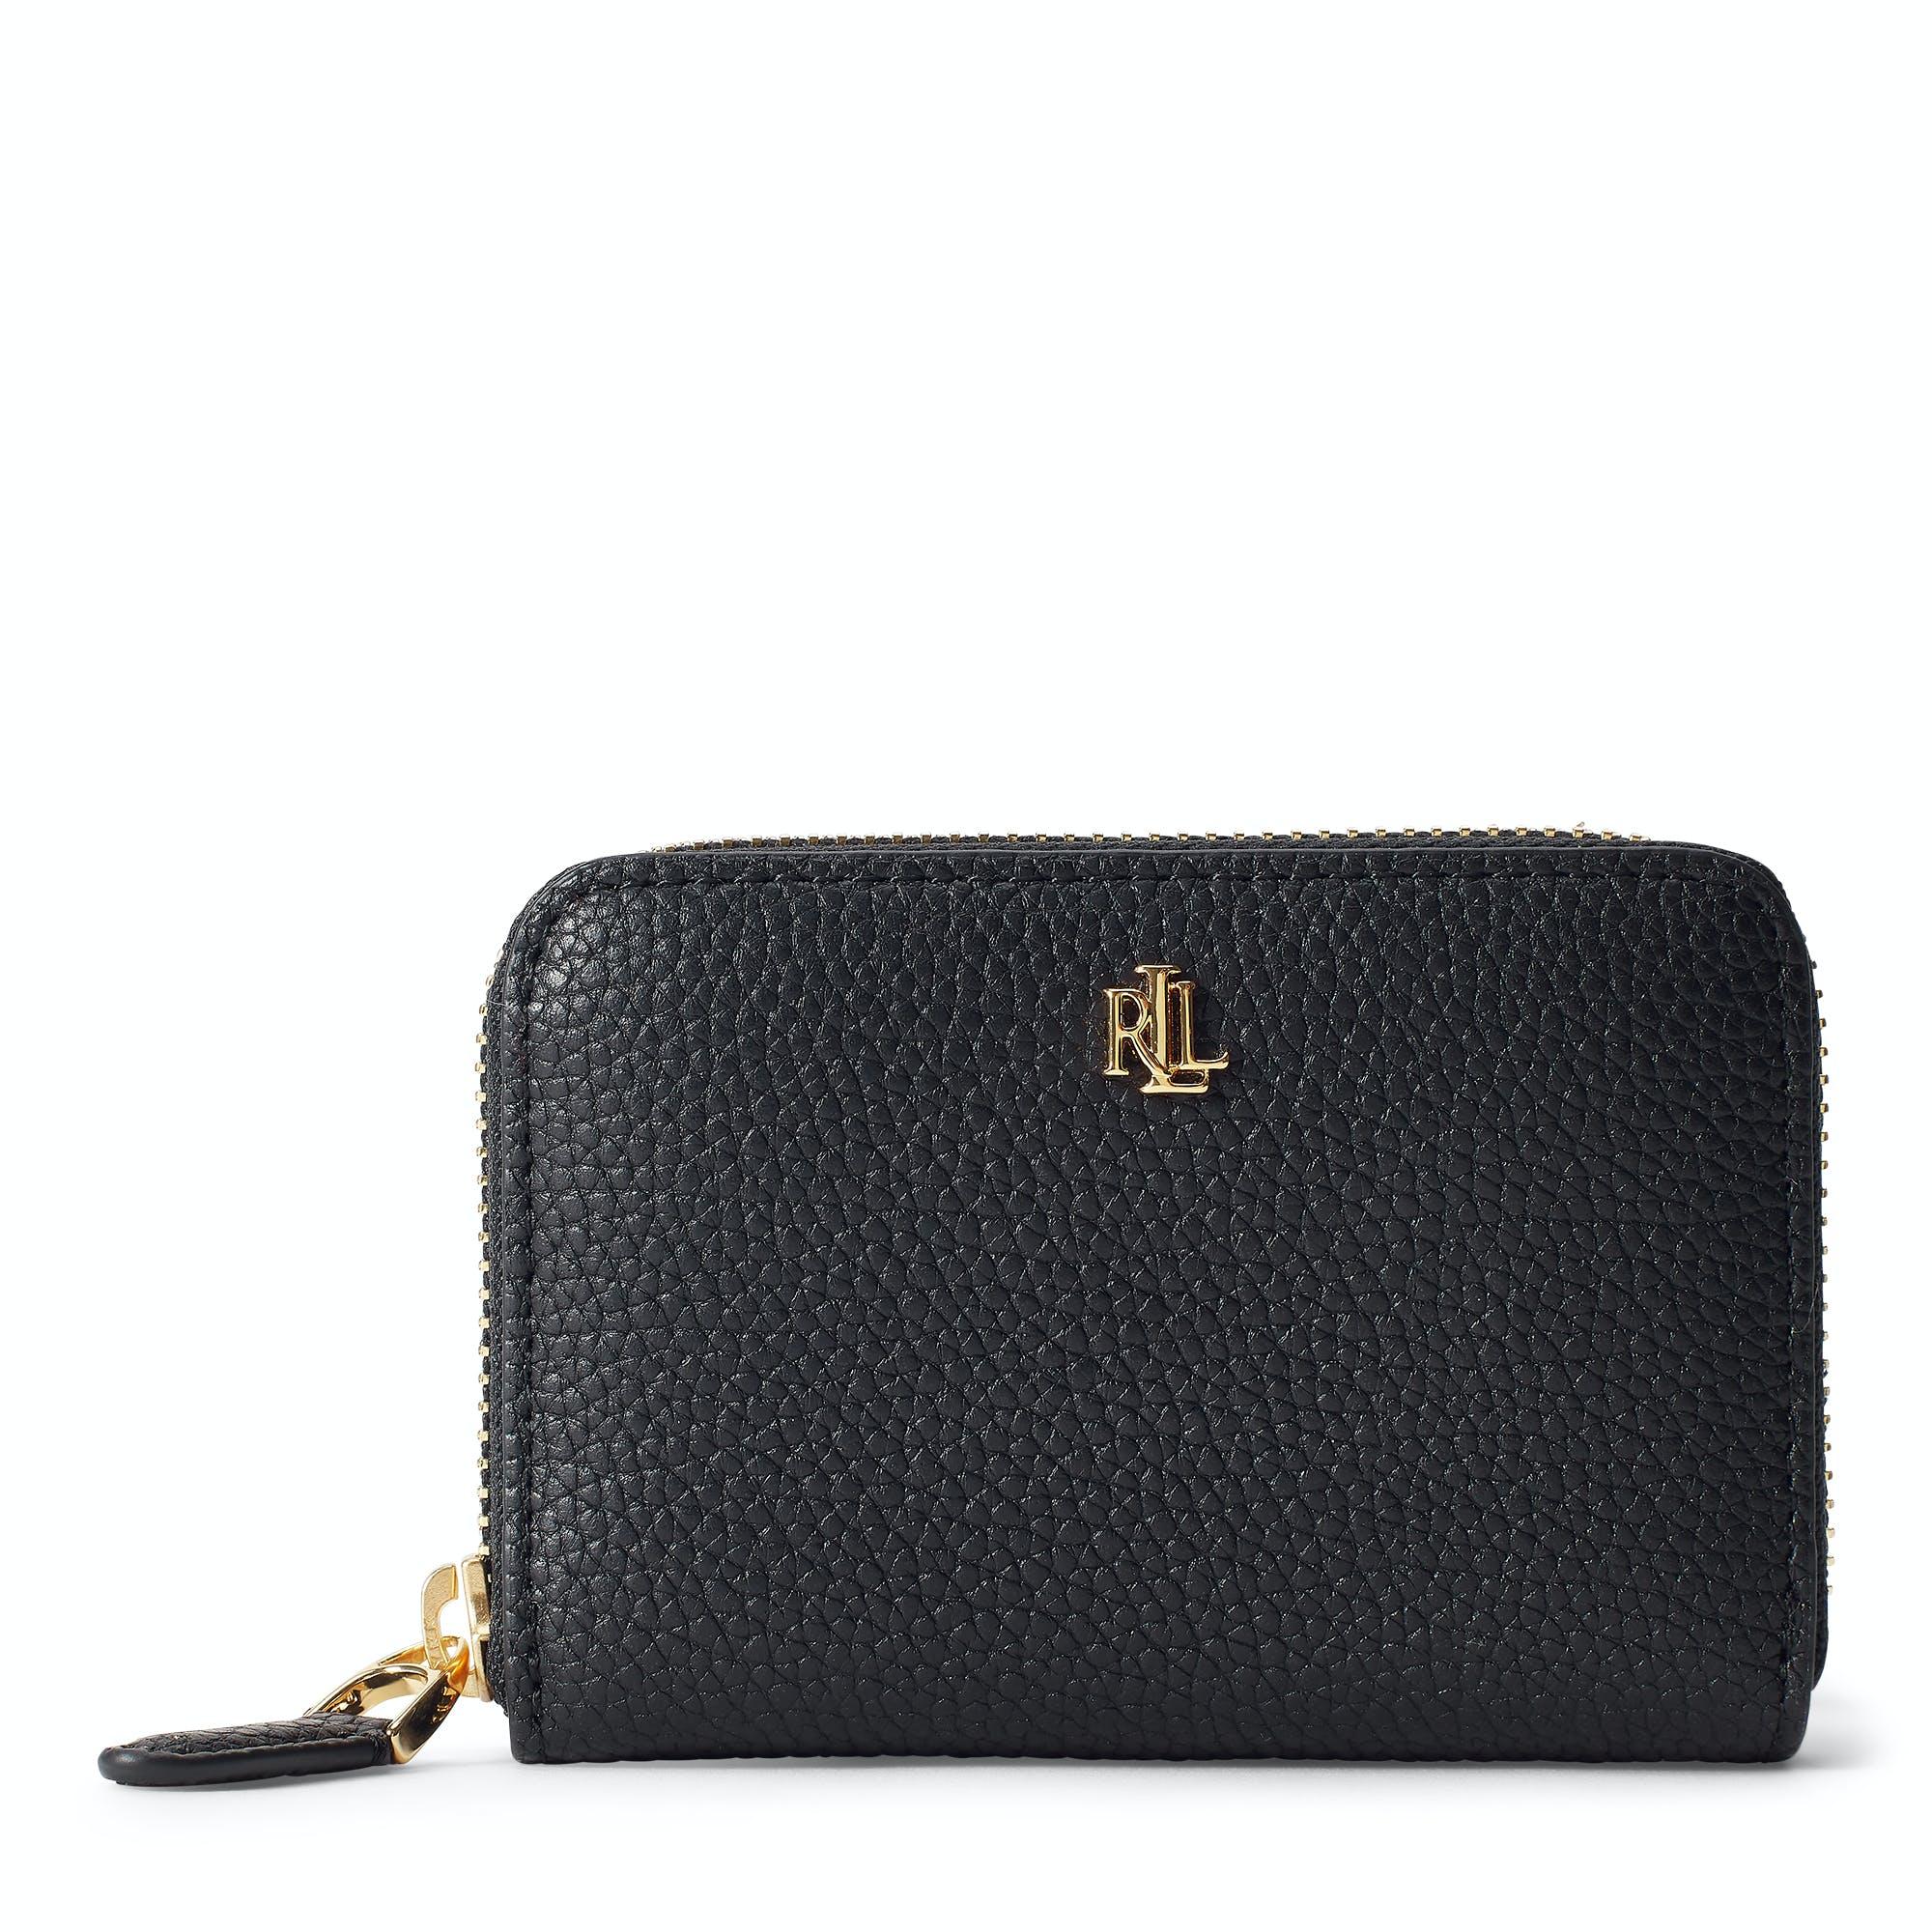 wholesale dealer bcb0f f29a4 Portafoglio Donna Ralph Lauren Sm Zip Small - Black | Country Attire